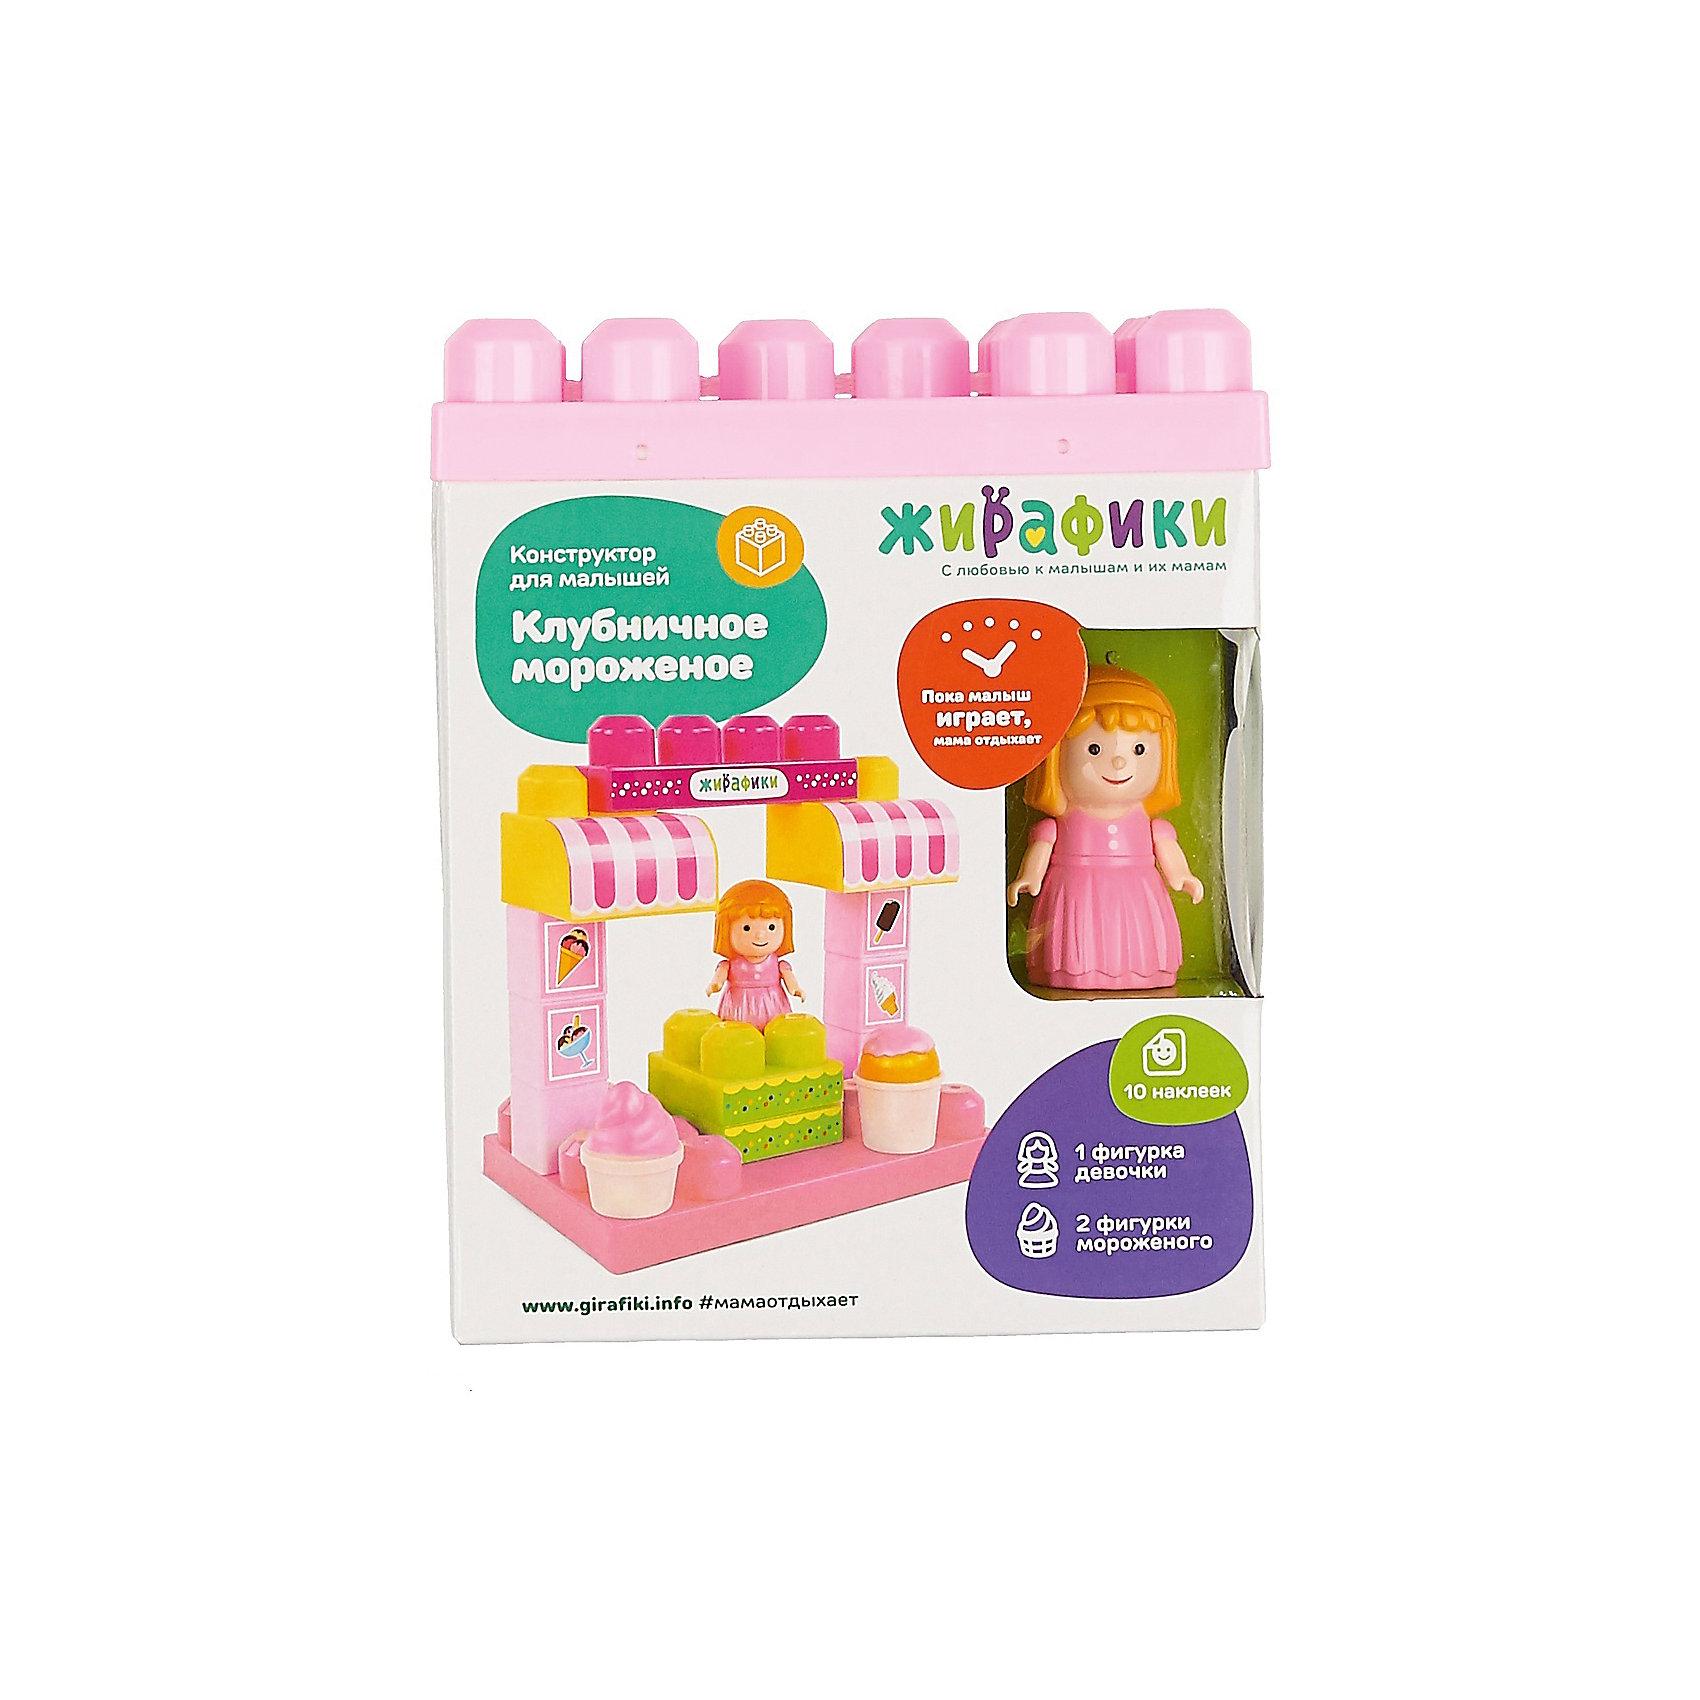 Конструктор для малышей Жирафики Клубничное мороженое, 15 деталейКонструкторы для малышей<br>Характеристики:<br><br>• крупные детали;<br>• в комплекте фигурка человечка, мороженое и наклейки;<br>• количество деталей: 15;<br>• количество наклеек: 7;<br>• размер основы: 18х12х3,5 см;<br>• материал: пластик;<br>• возраст: с 18 месяцев;<br>• размер упаковки: 12х21х17 см;<br>• вес: 438 грамм;<br>• страна бренда: Россия.<br><br>С конструктором Клубничное мороженого малыш сможет построить свой магазин мороженого, украшенный красивыми наклейками.<br><br>В набор входят фигурки мороженого и фигурка продавца. <br><br>Детали крупного размера удобны для детских ручек. Они легко соединяются и разъединяются.<br><br>Игра с конструктором способствует развитию мелкой моторики, фантазии и усидчивости.<br><br>Конструктор для малышей с фигурками и наклейками Клубничное мороженое, 15 деталей, Жирафики можно купить в нашем интернет-магазине.<br><br>Ширина мм: 170<br>Глубина мм: 210<br>Высота мм: 120<br>Вес г: 438<br>Возраст от месяцев: 12<br>Возраст до месяцев: 2147483647<br>Пол: Женский<br>Возраст: Детский<br>SKU: 6846897